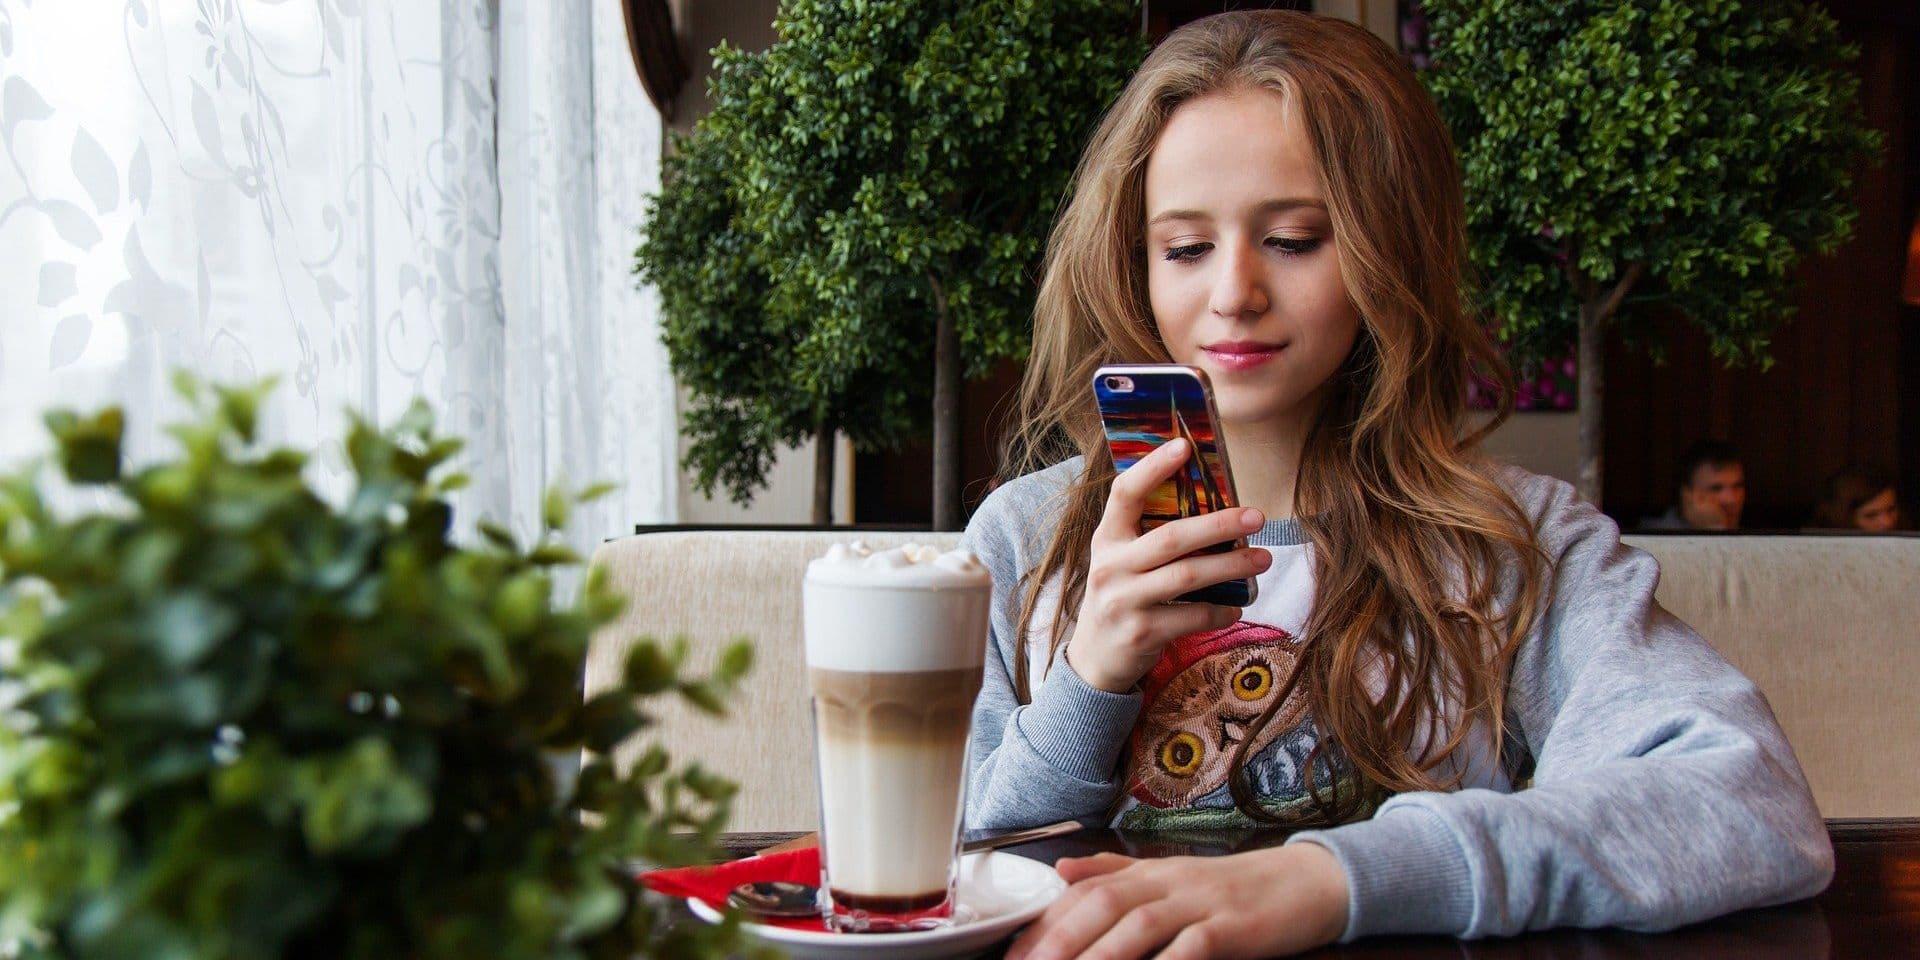 Dépendance au smartphone : quelles différences entre les filles et les garçons ?